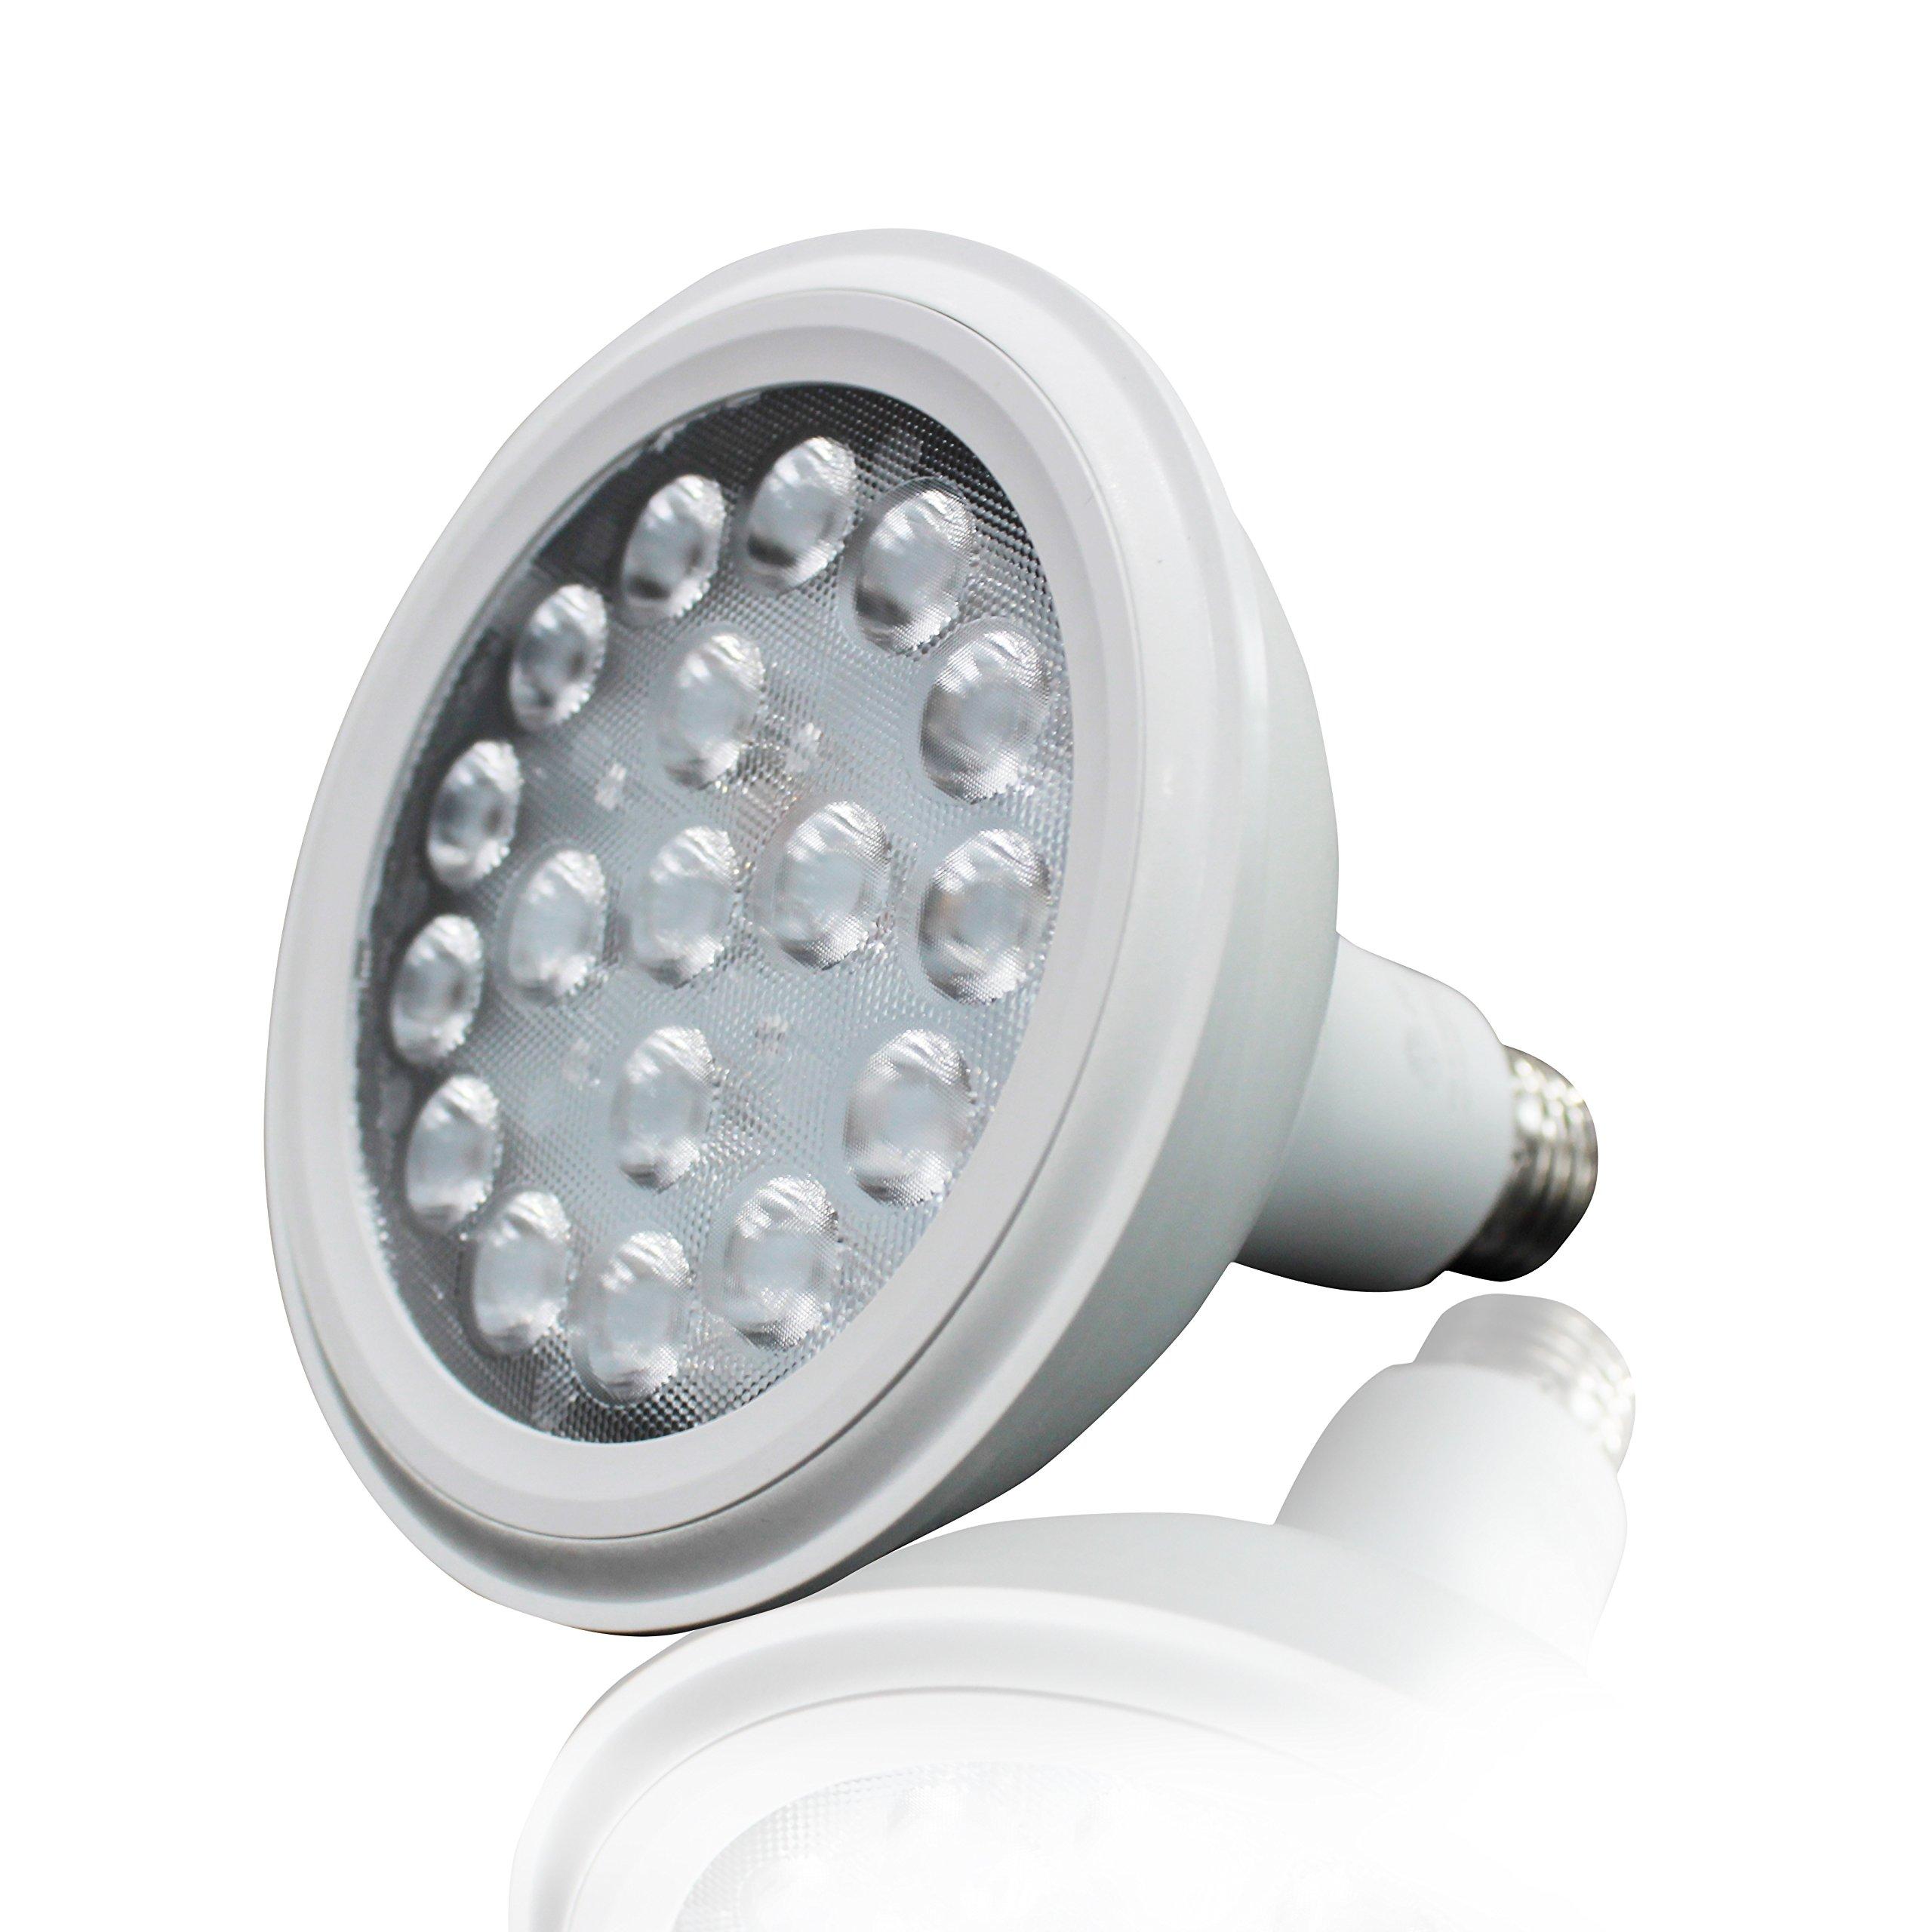 Maravi Multi-Spectrum LED Grow Light Bulb for Indoor Garden Greenhouse Organic Plants Flower Vegetable (Medium Base E26 18w 3 Bands) (C)